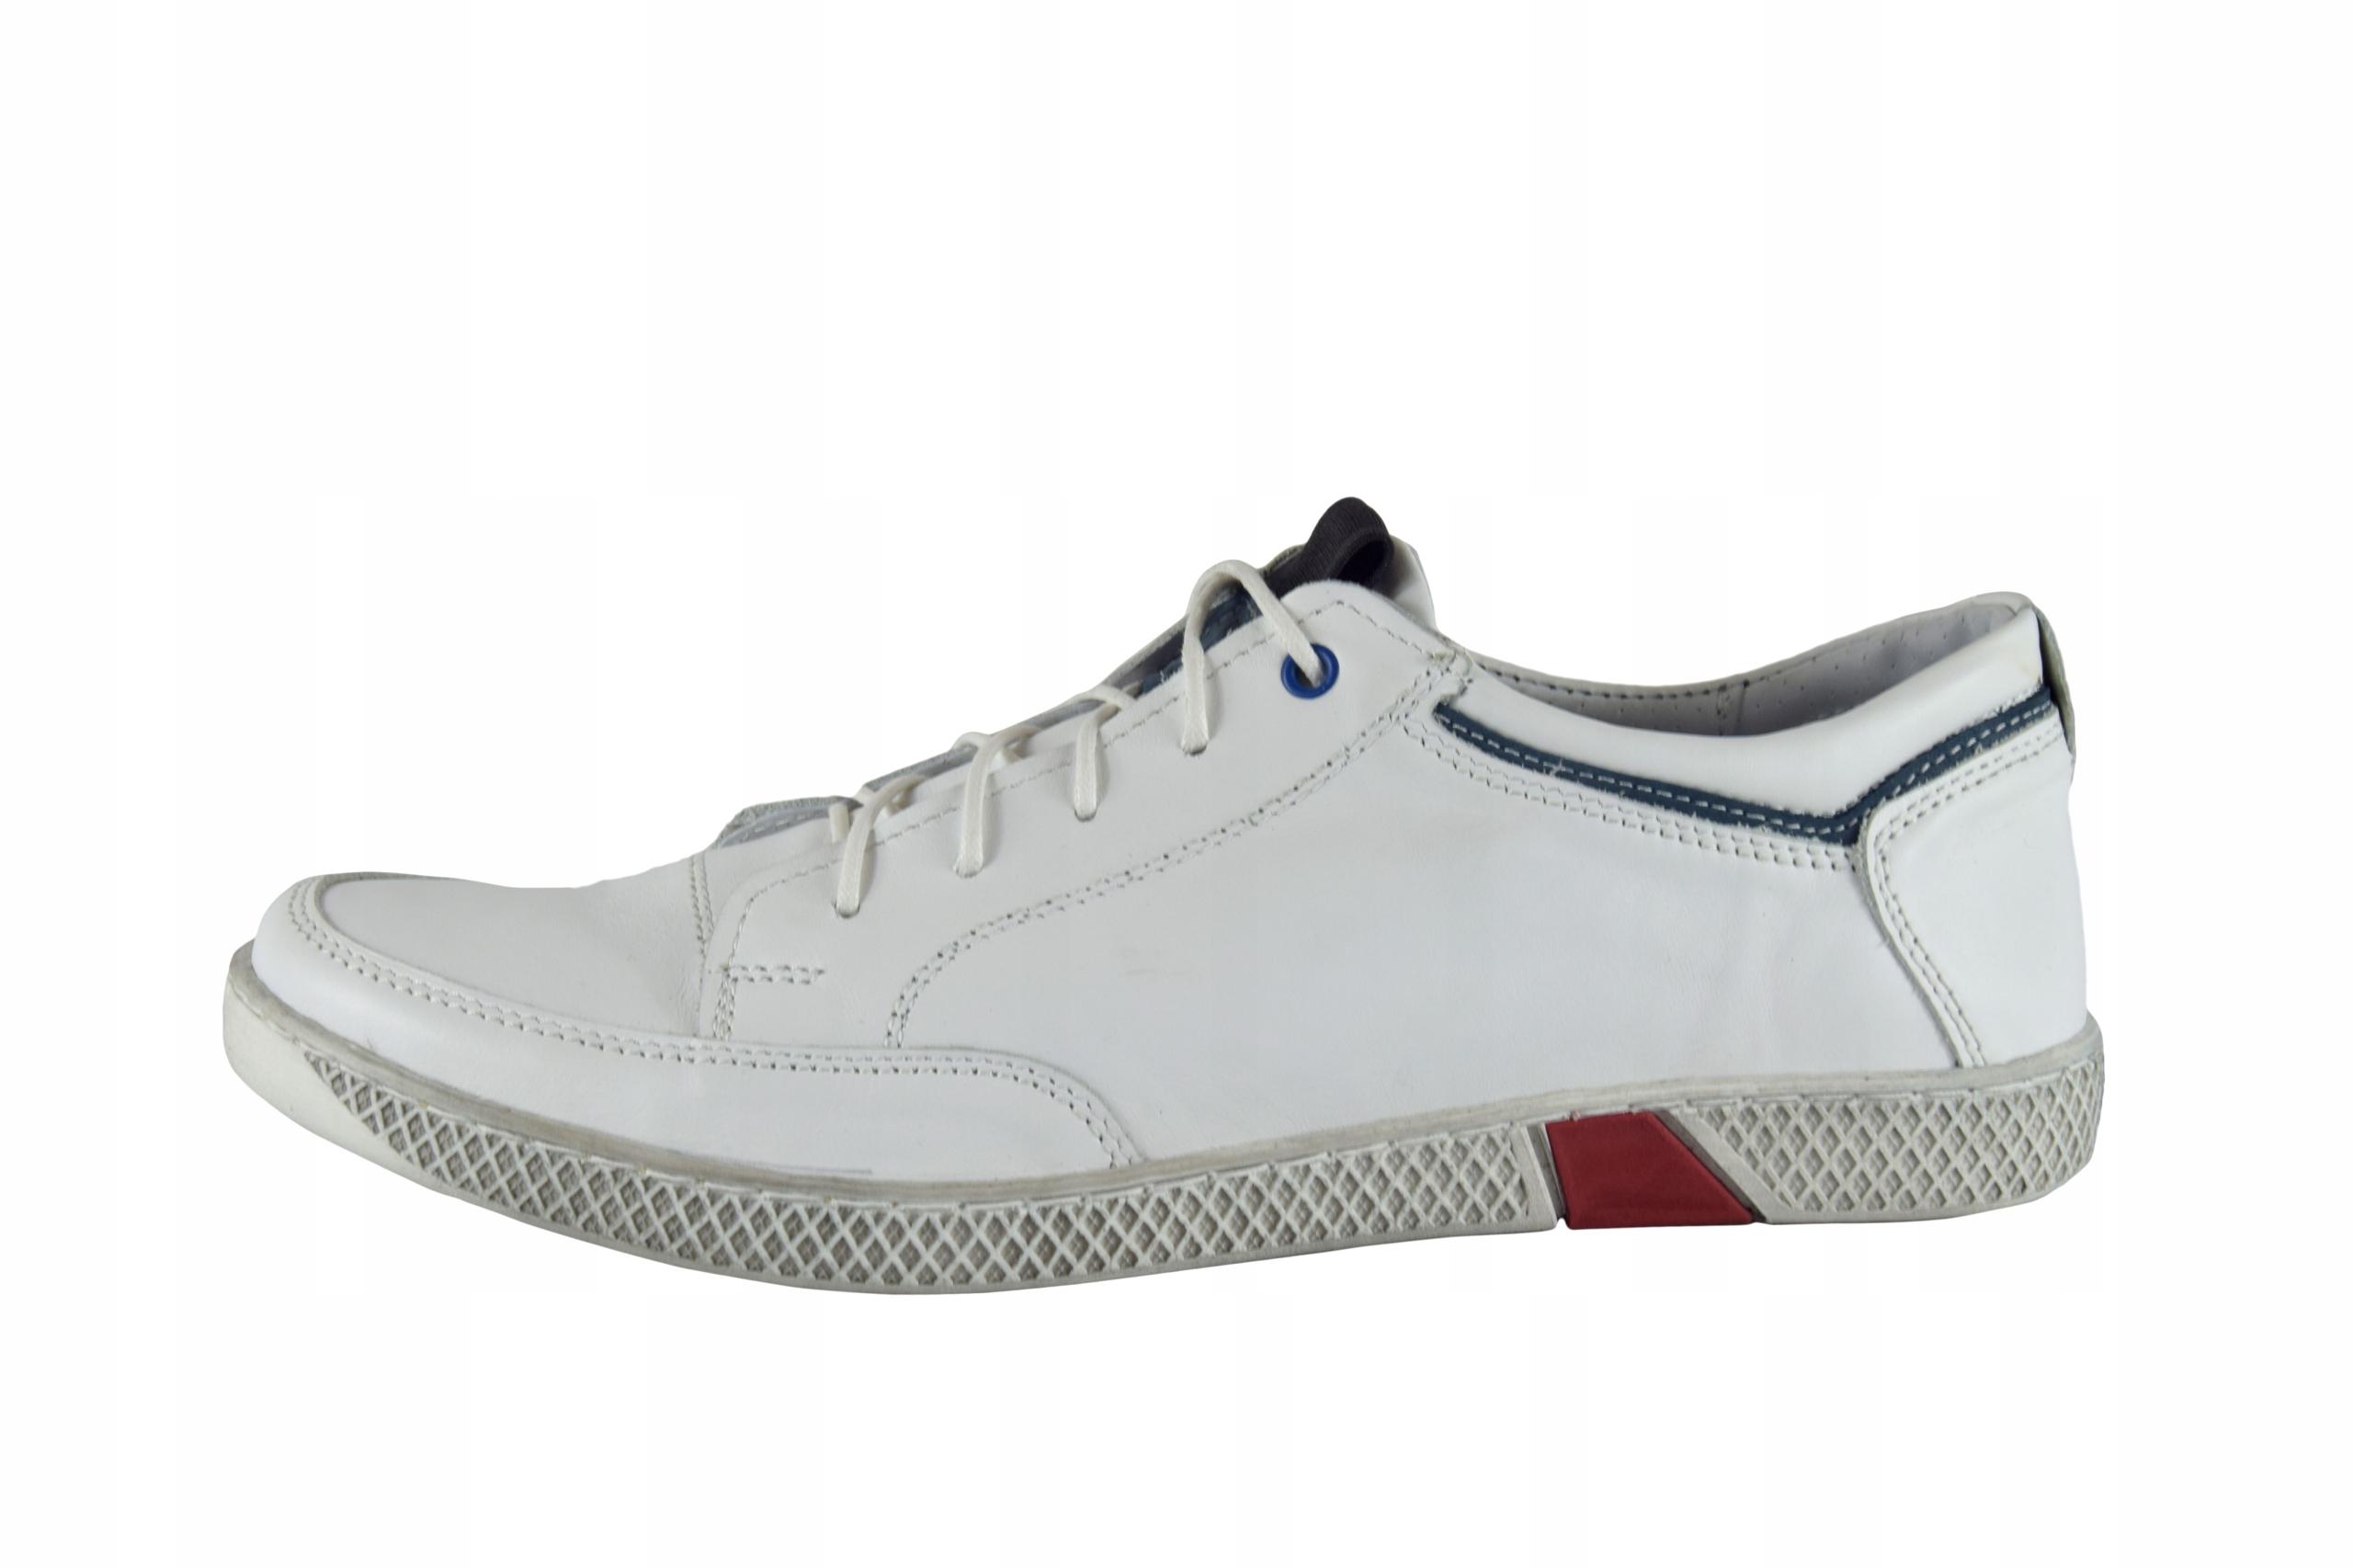 Skórzane męskie białe sznurowane buty męskie 0447